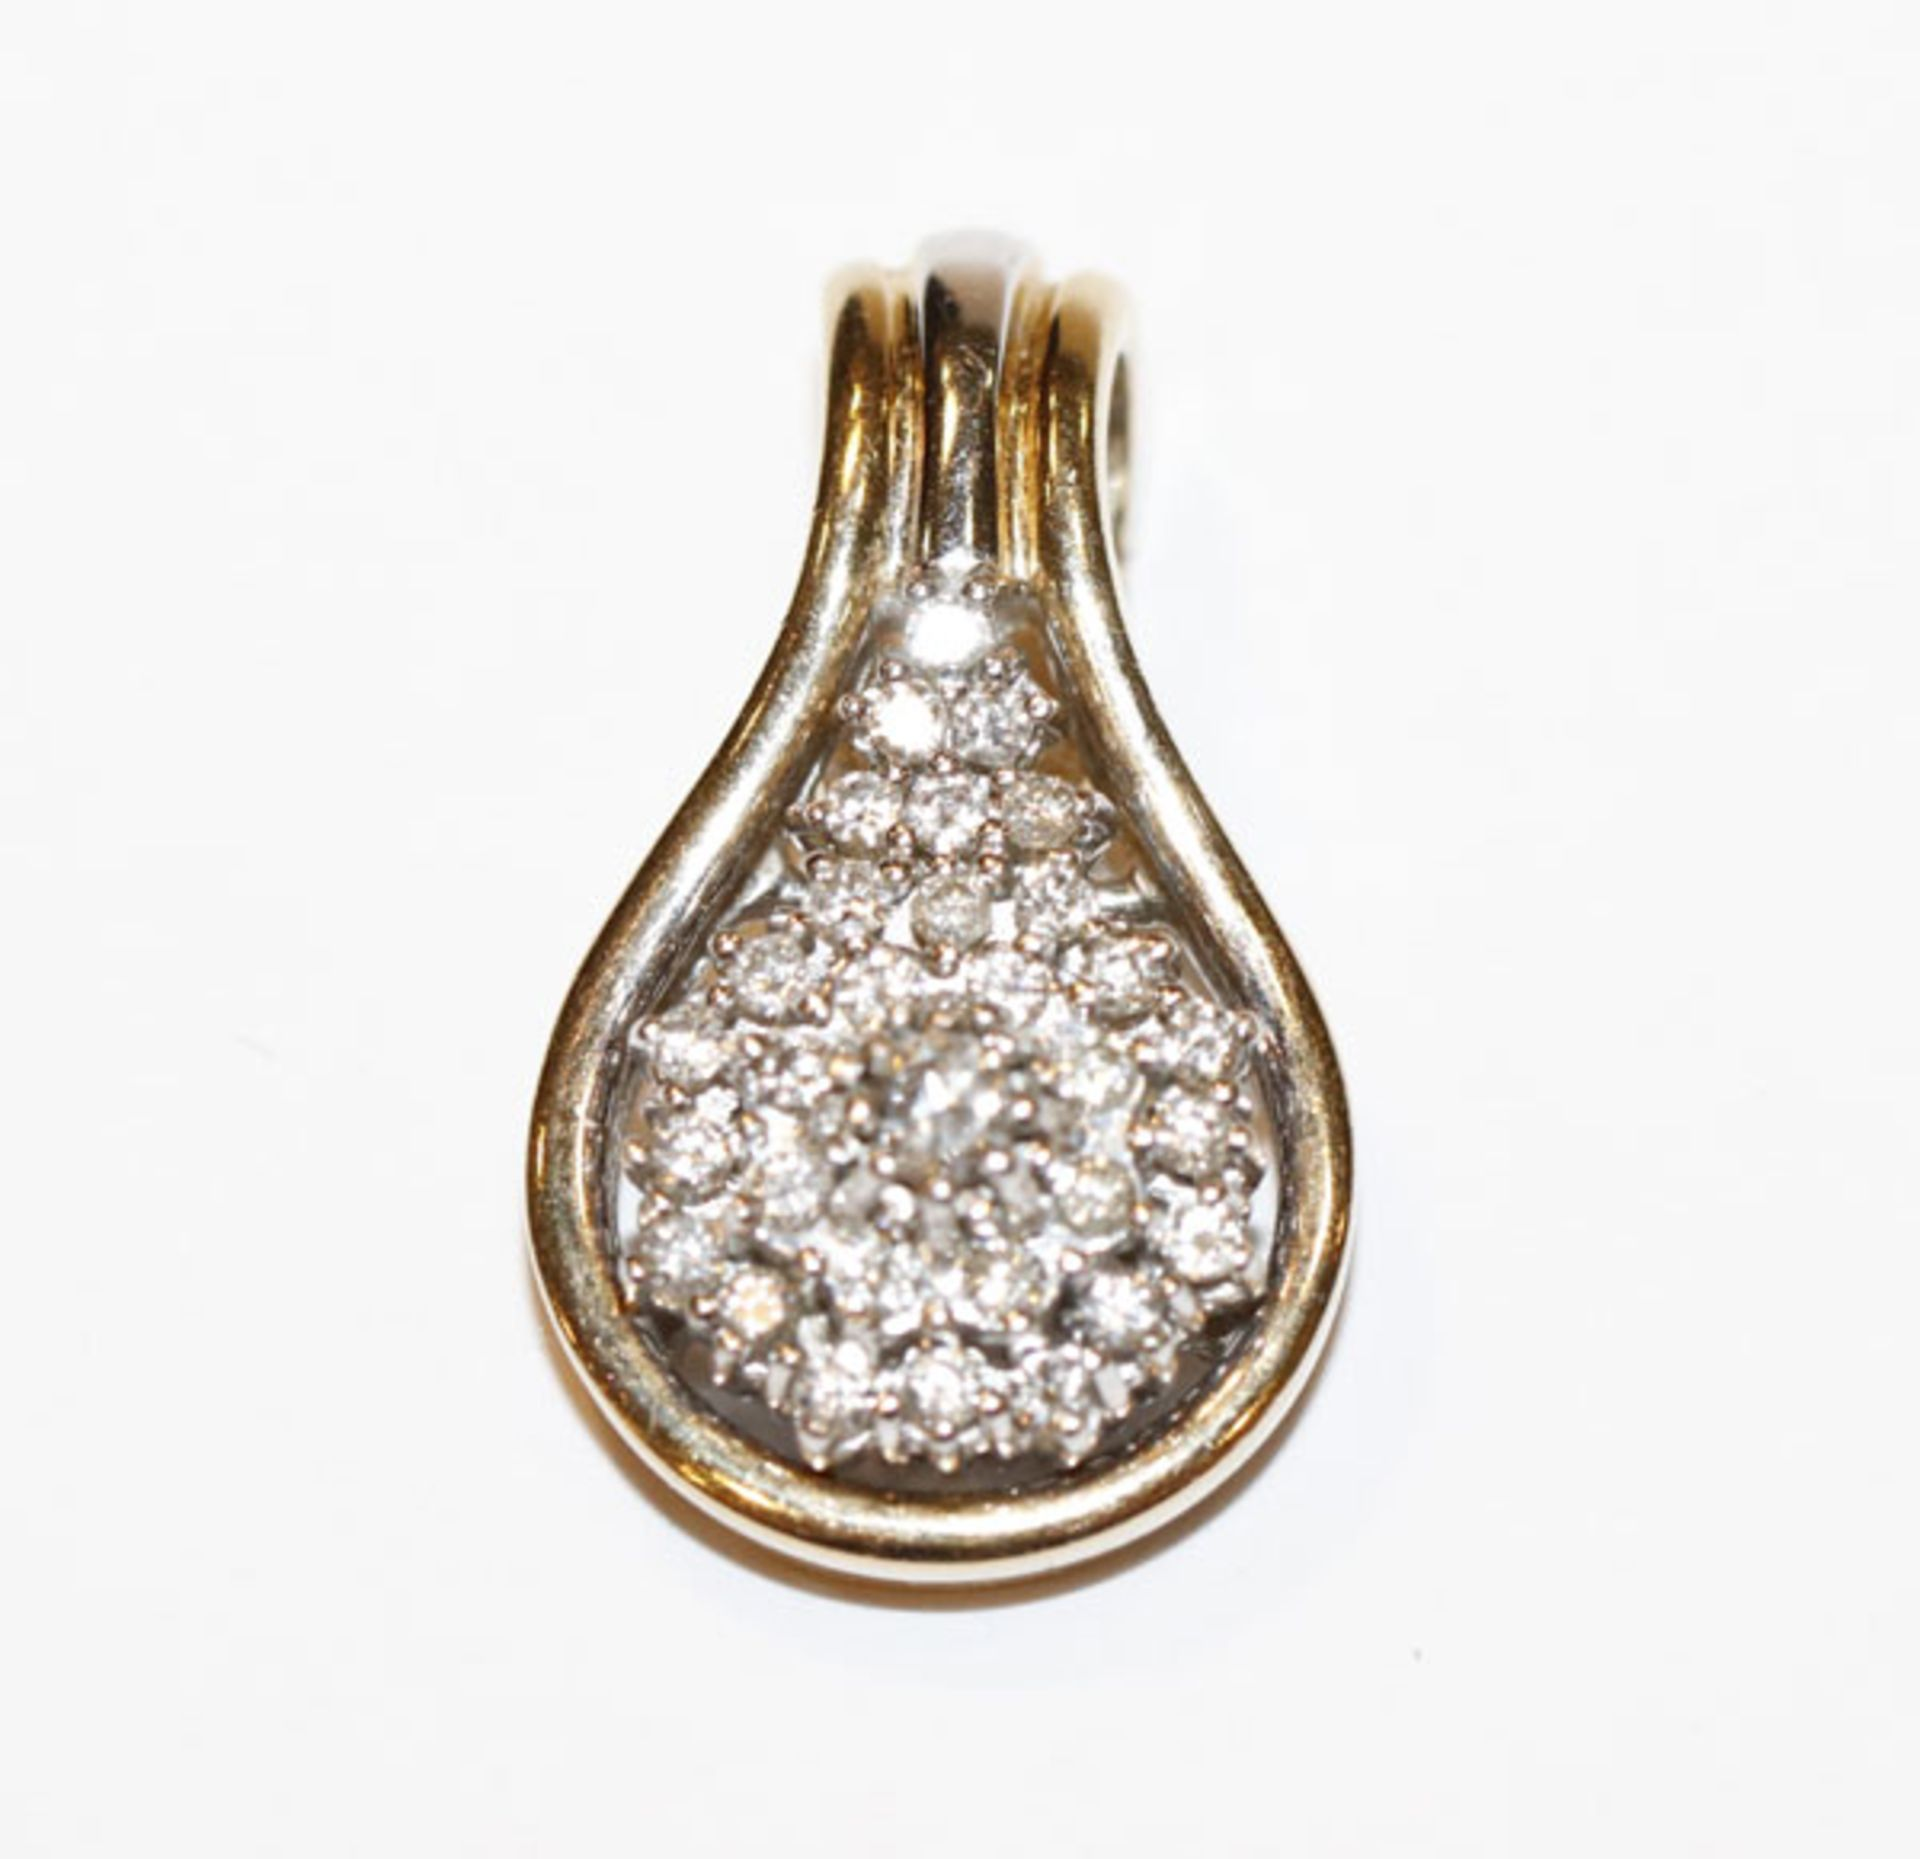 14 k Gelbgold Anhänger/Clip mit 31 in Weißgold gefaßten Diamanten, ca. 0,50 ct., 9,4 gr., klassische